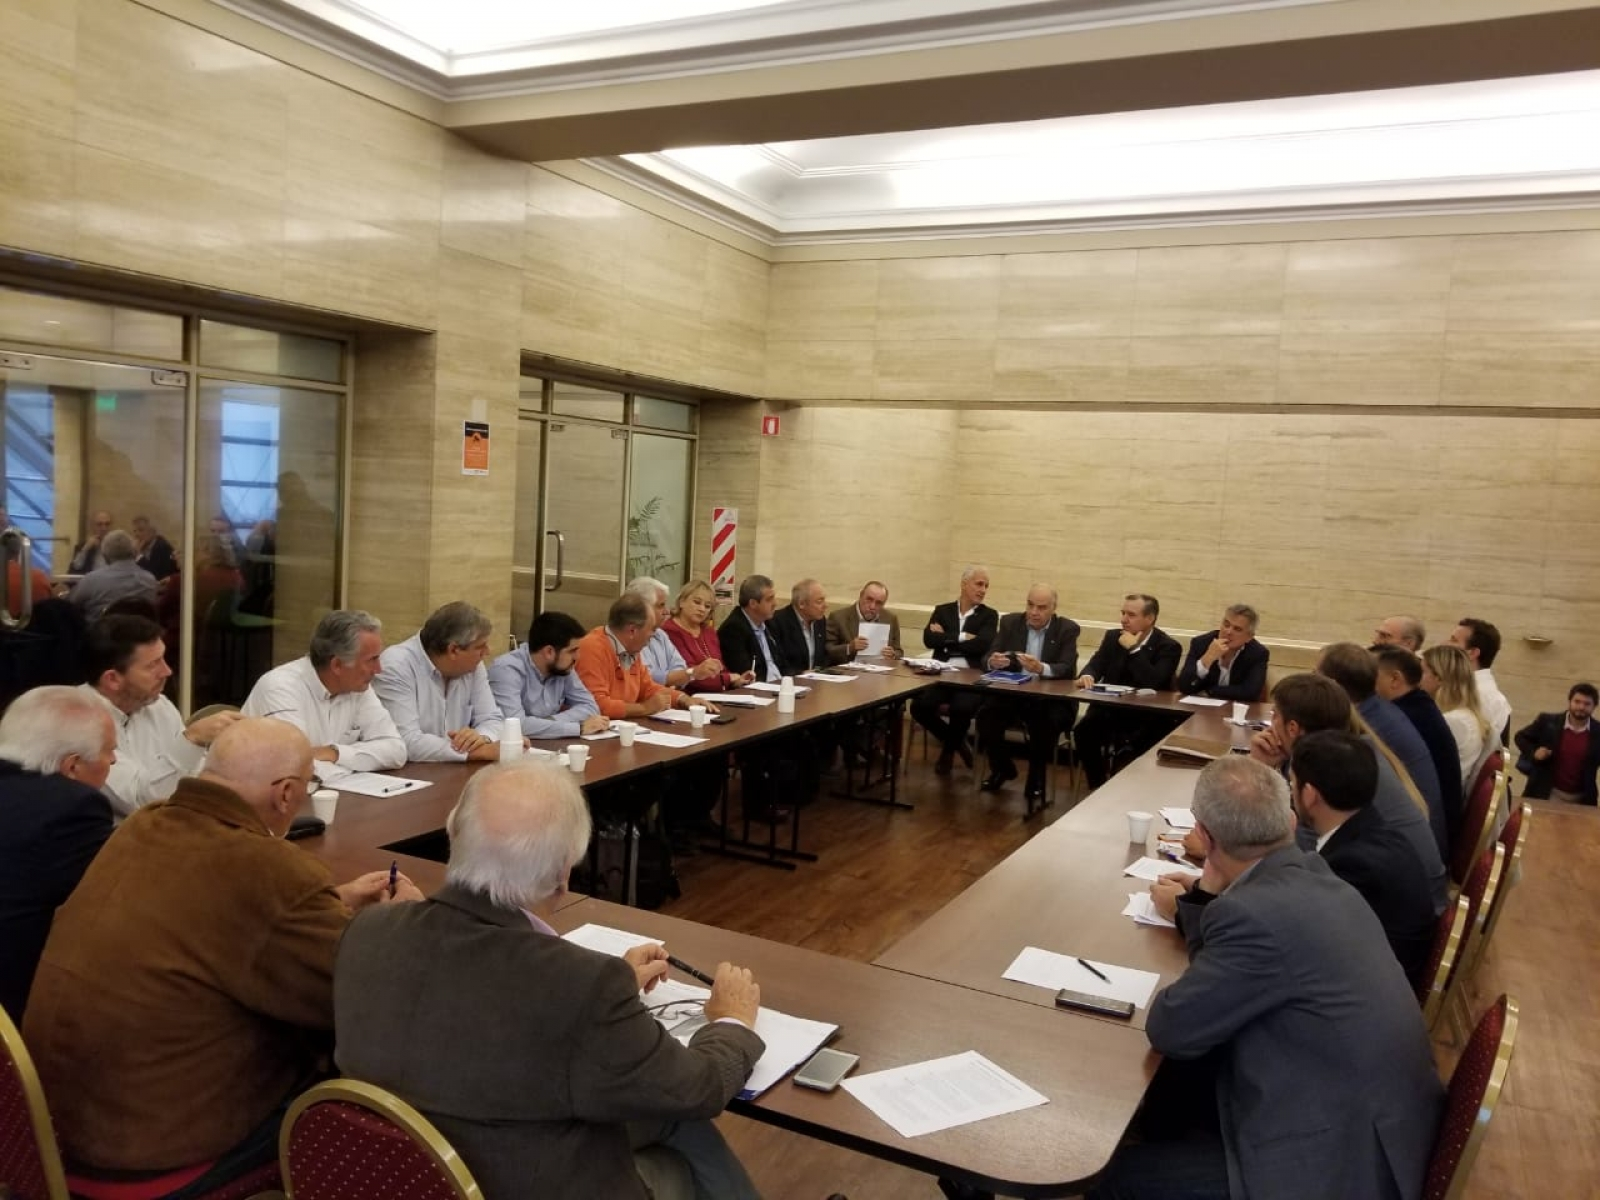 Se llevo a cabo una nueva reunión entre las entidades que nucleadas en CAME,  representan la industria en todo el país.  CIMA estivo presente representada por su presidente Oscar Dethier en su carácter de Secretario Adjunto de CAME Industrial.